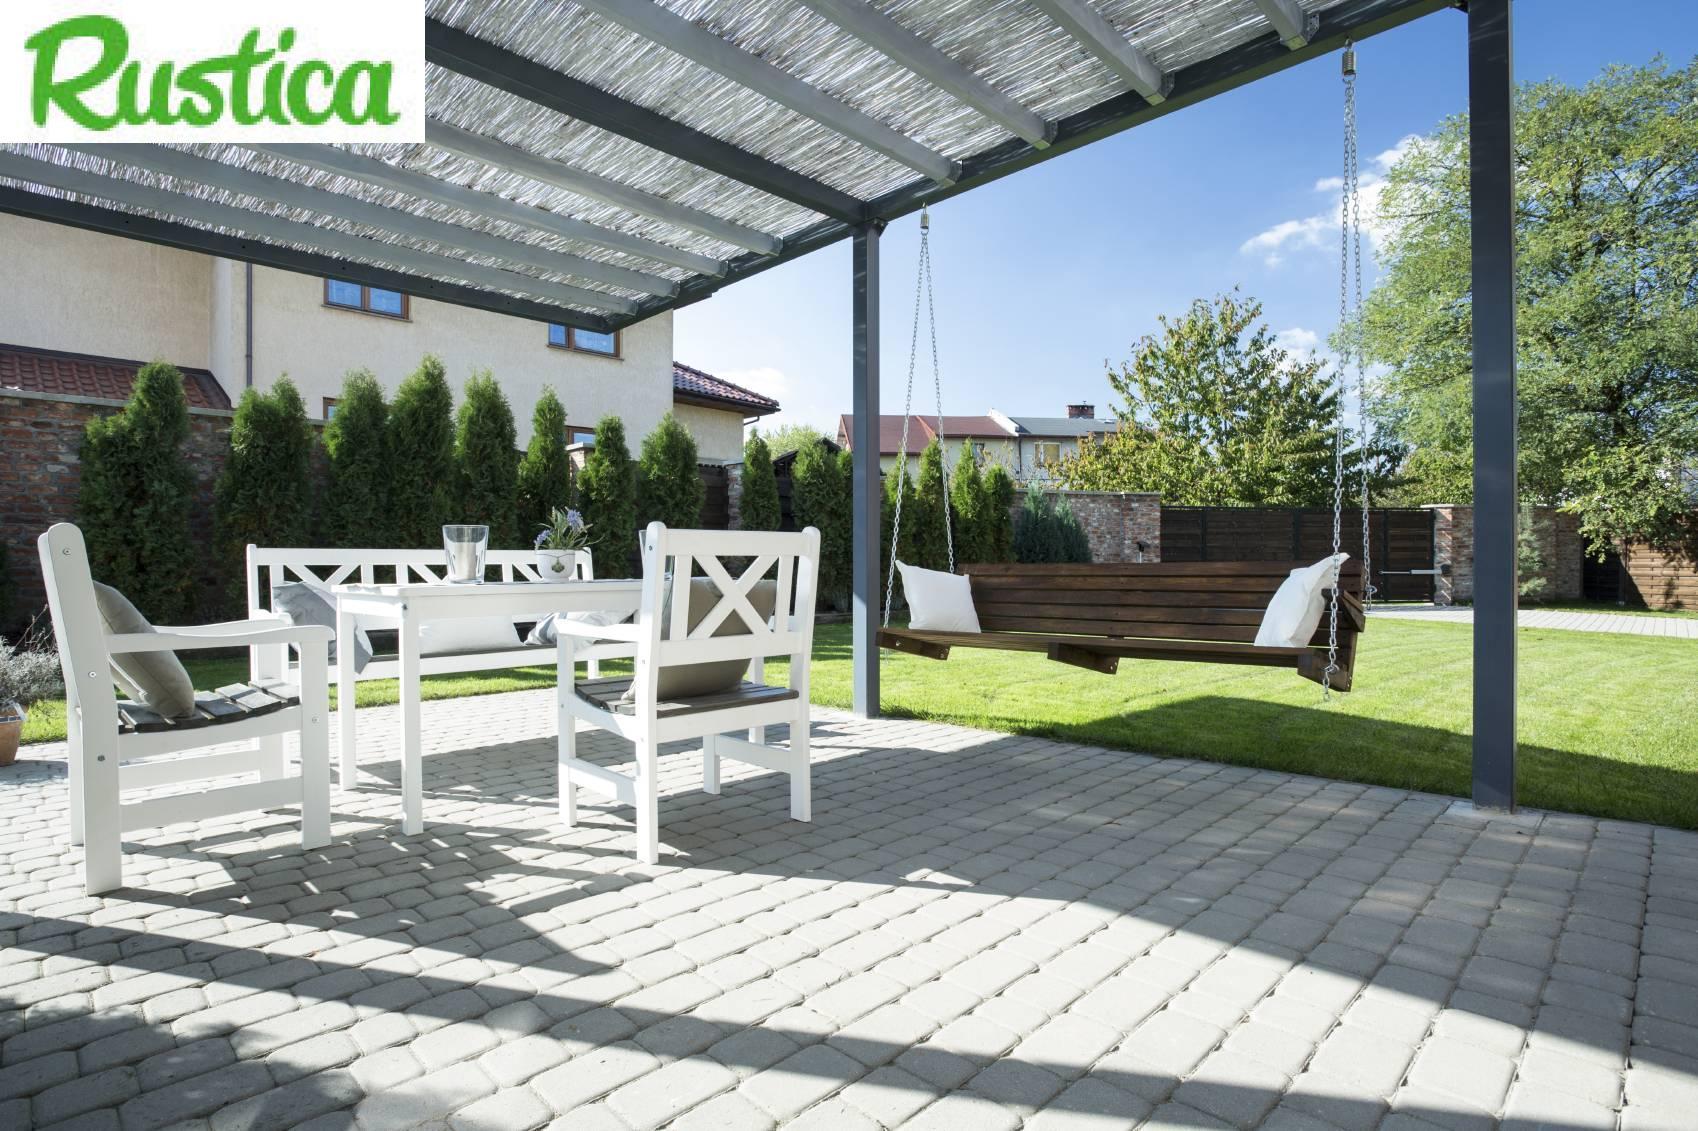 Bien choisir ses mat riaux pour le jardin - Materiaux pour terrasse exterieure ...